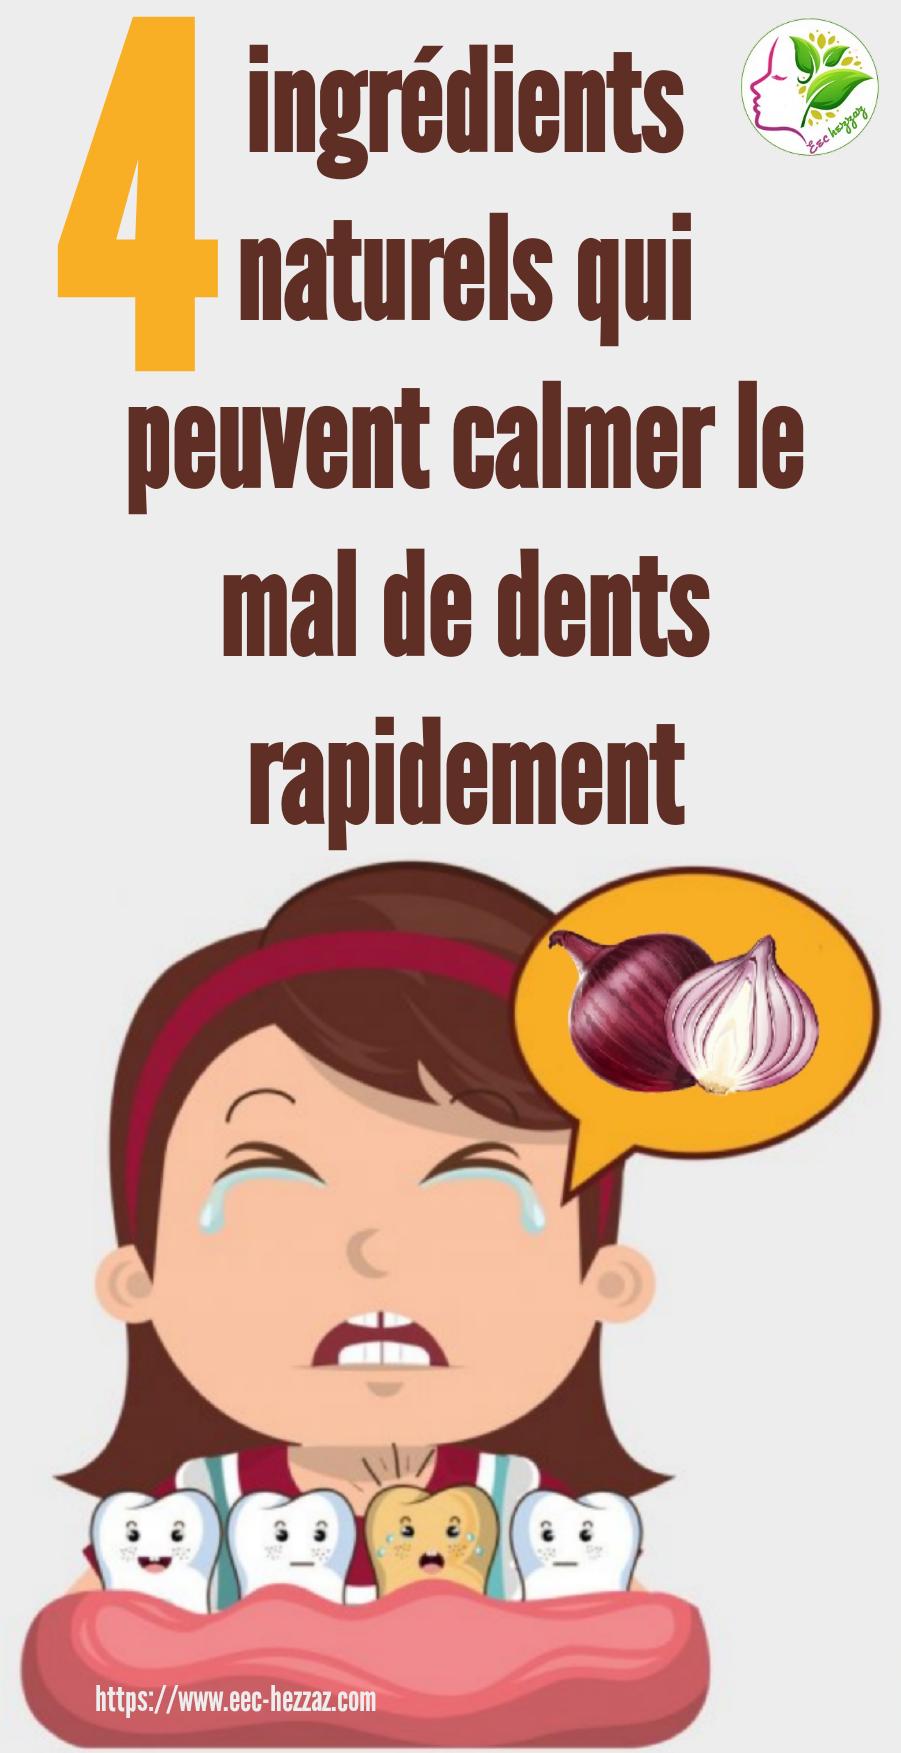 4 ingrédients naturels qui peuvent calmer le mal de dents rapidement